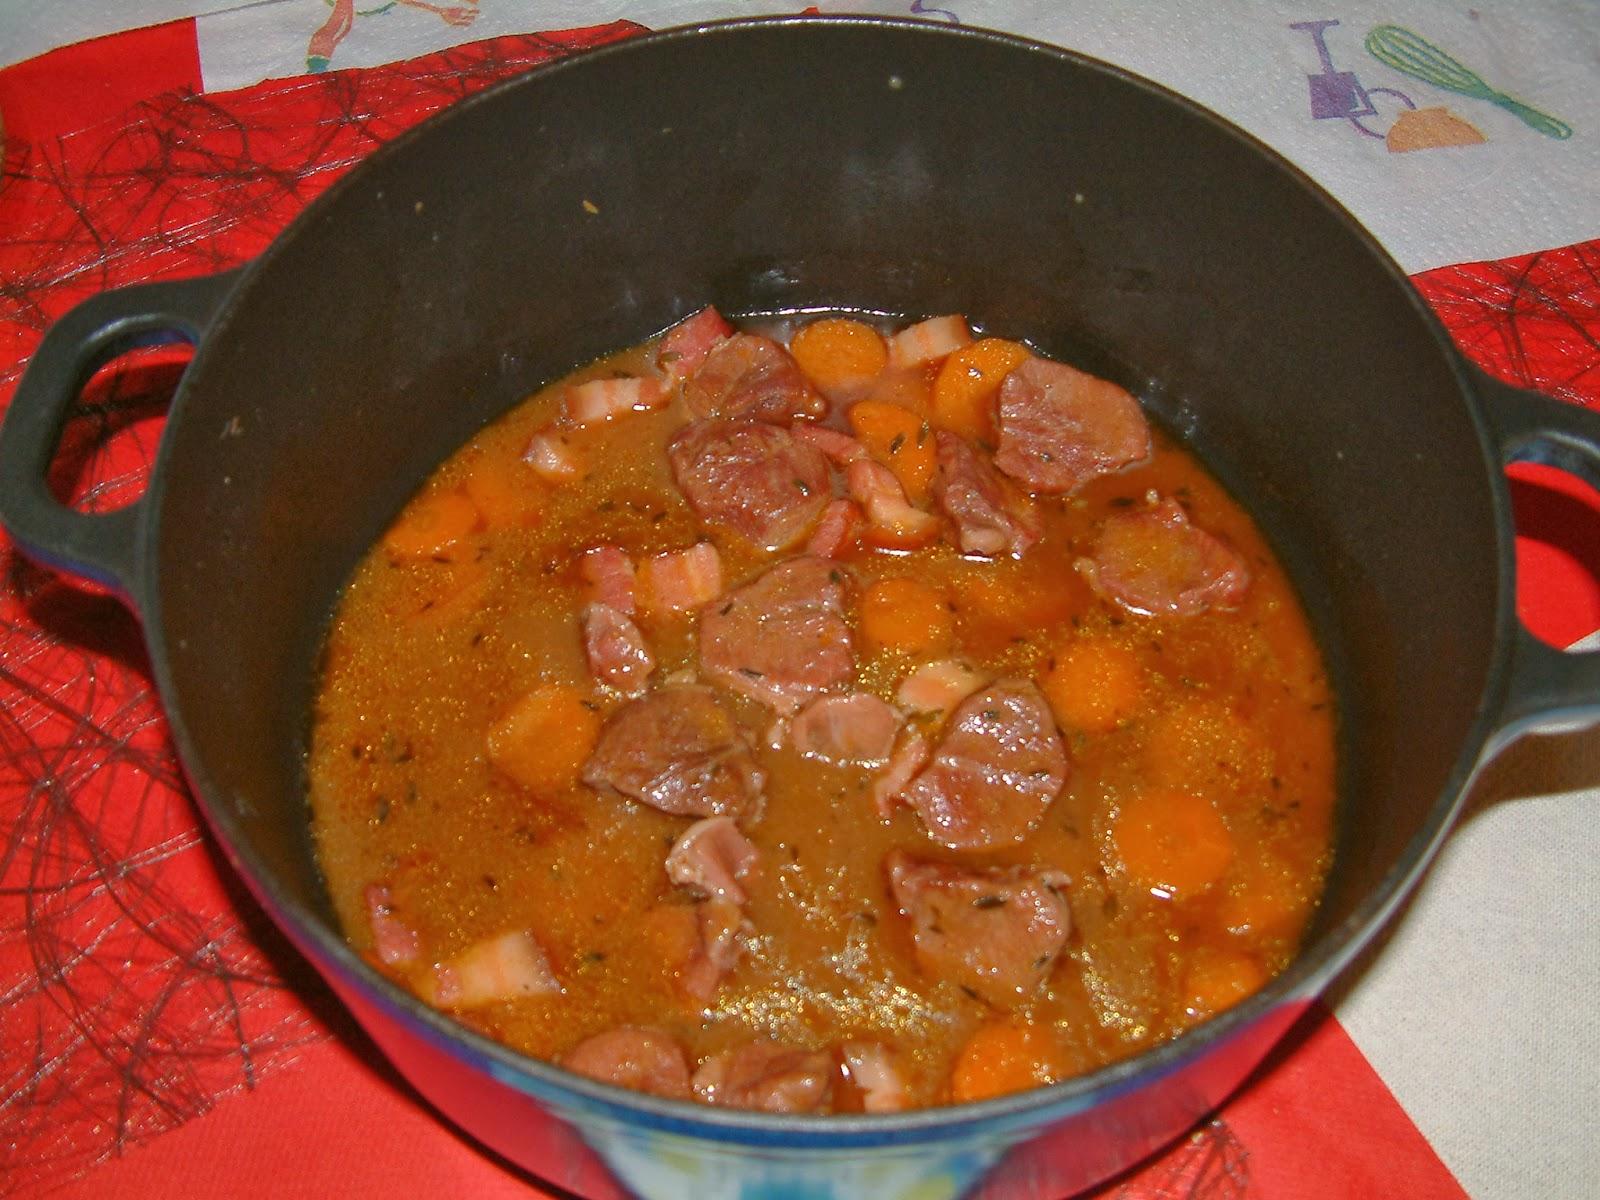 Au del des saveurs joues de porc a la biere brune - Cuisiner de la joue de porc ...